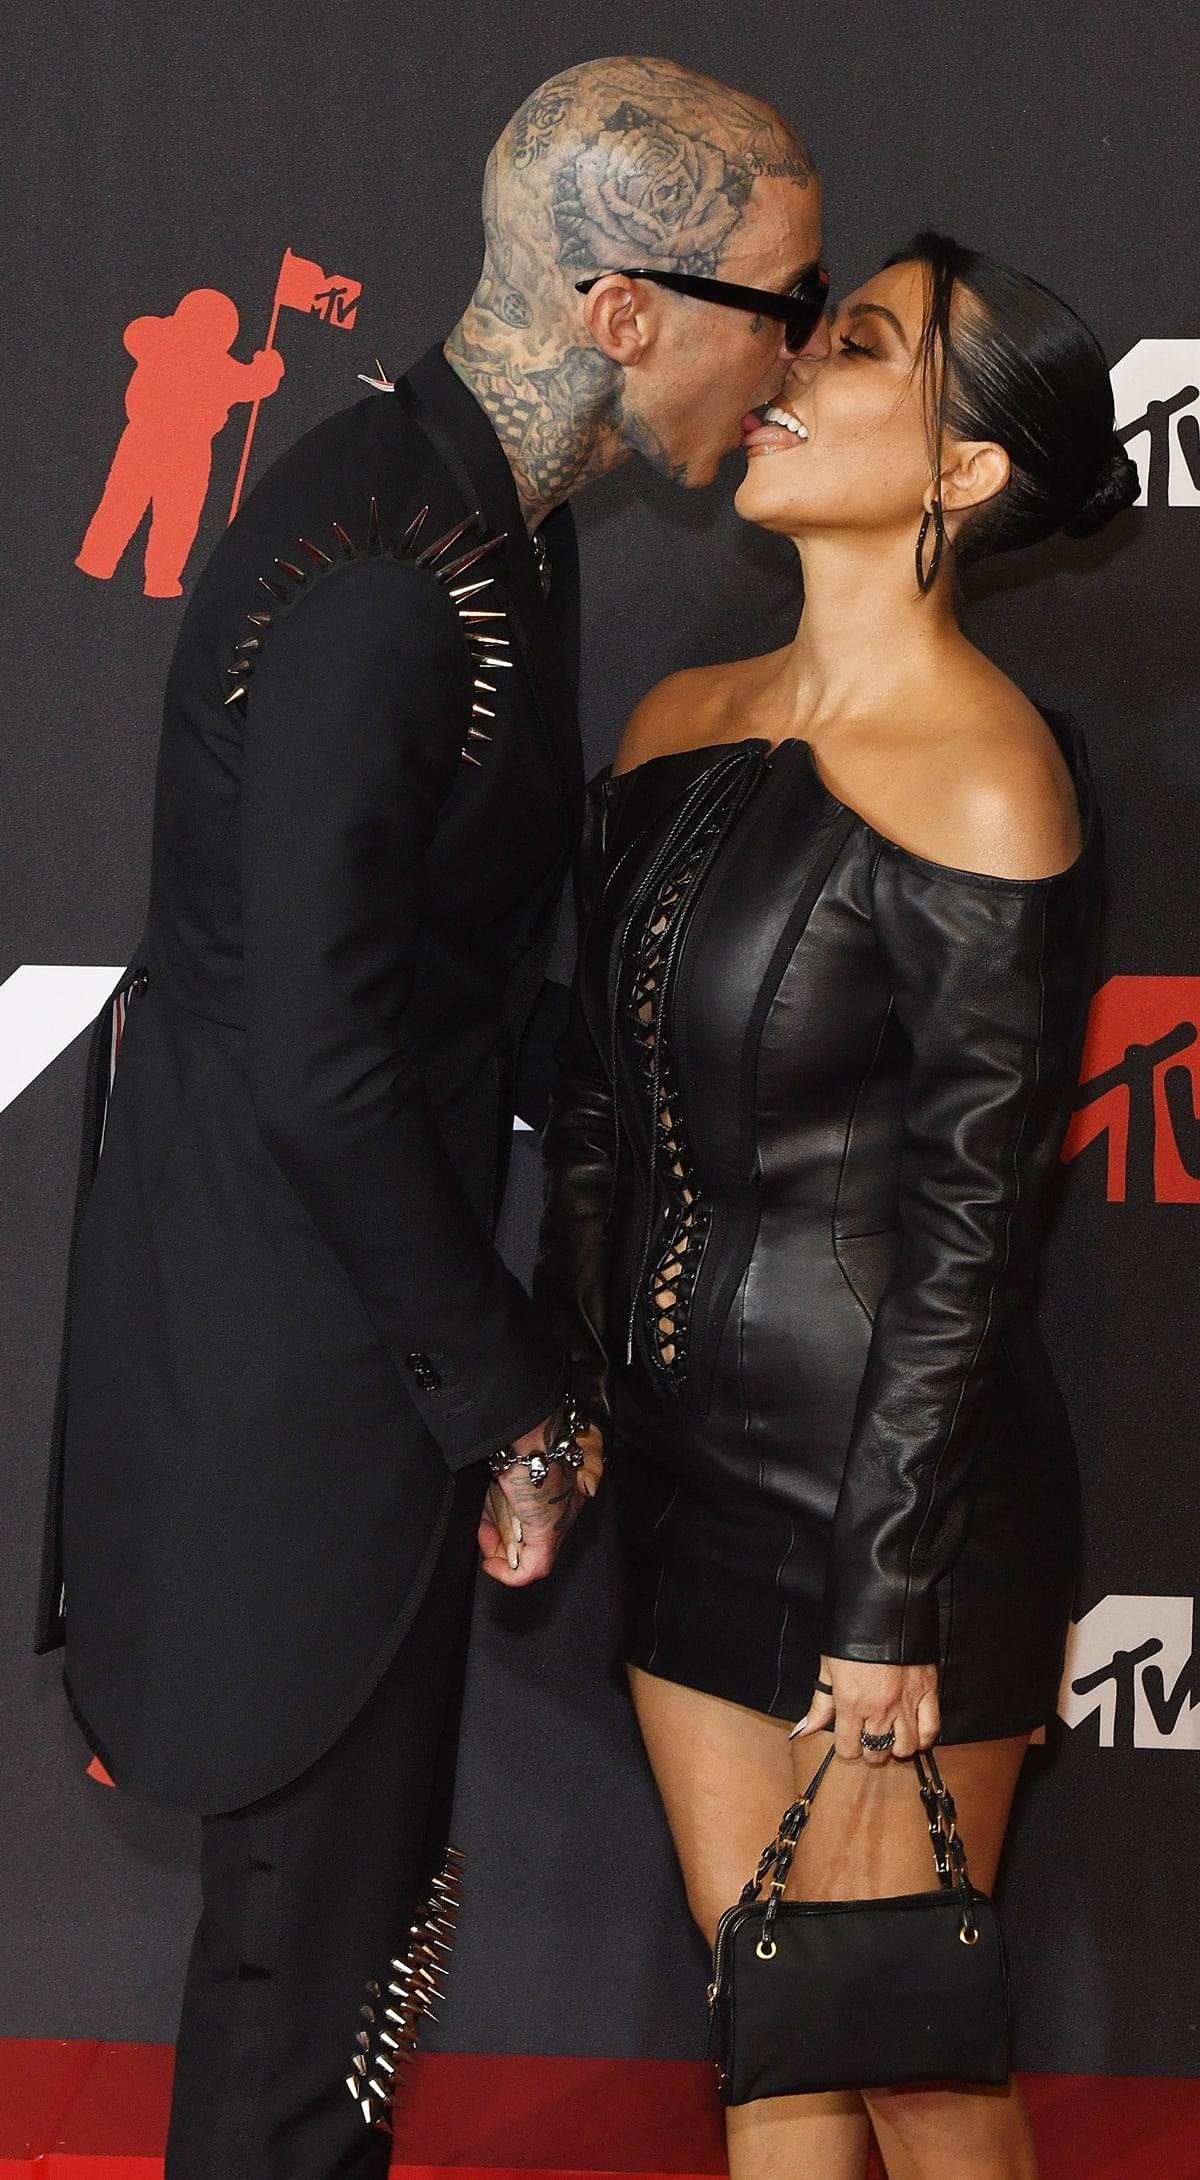 Wearing a black leather dress with long sleeves, Kourtney Kardashian kisses her boyfriend Travis Barker